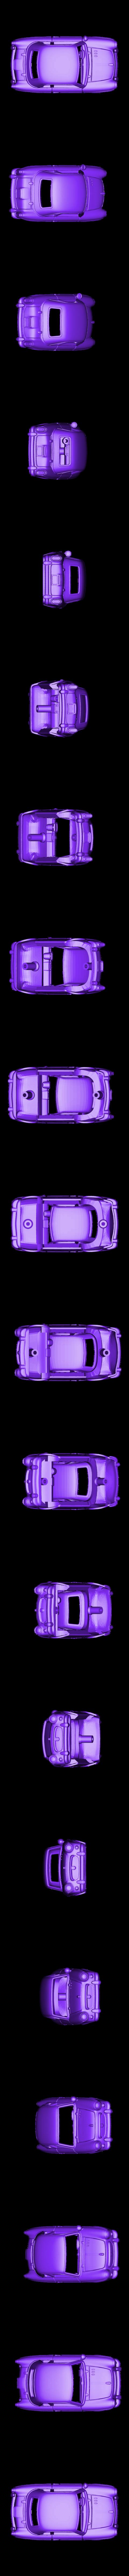 Pony_Car_Body.obj Télécharger fichier OBJ gratuit Voiture jouet poney • Modèle pour impression 3D, Slava_Z